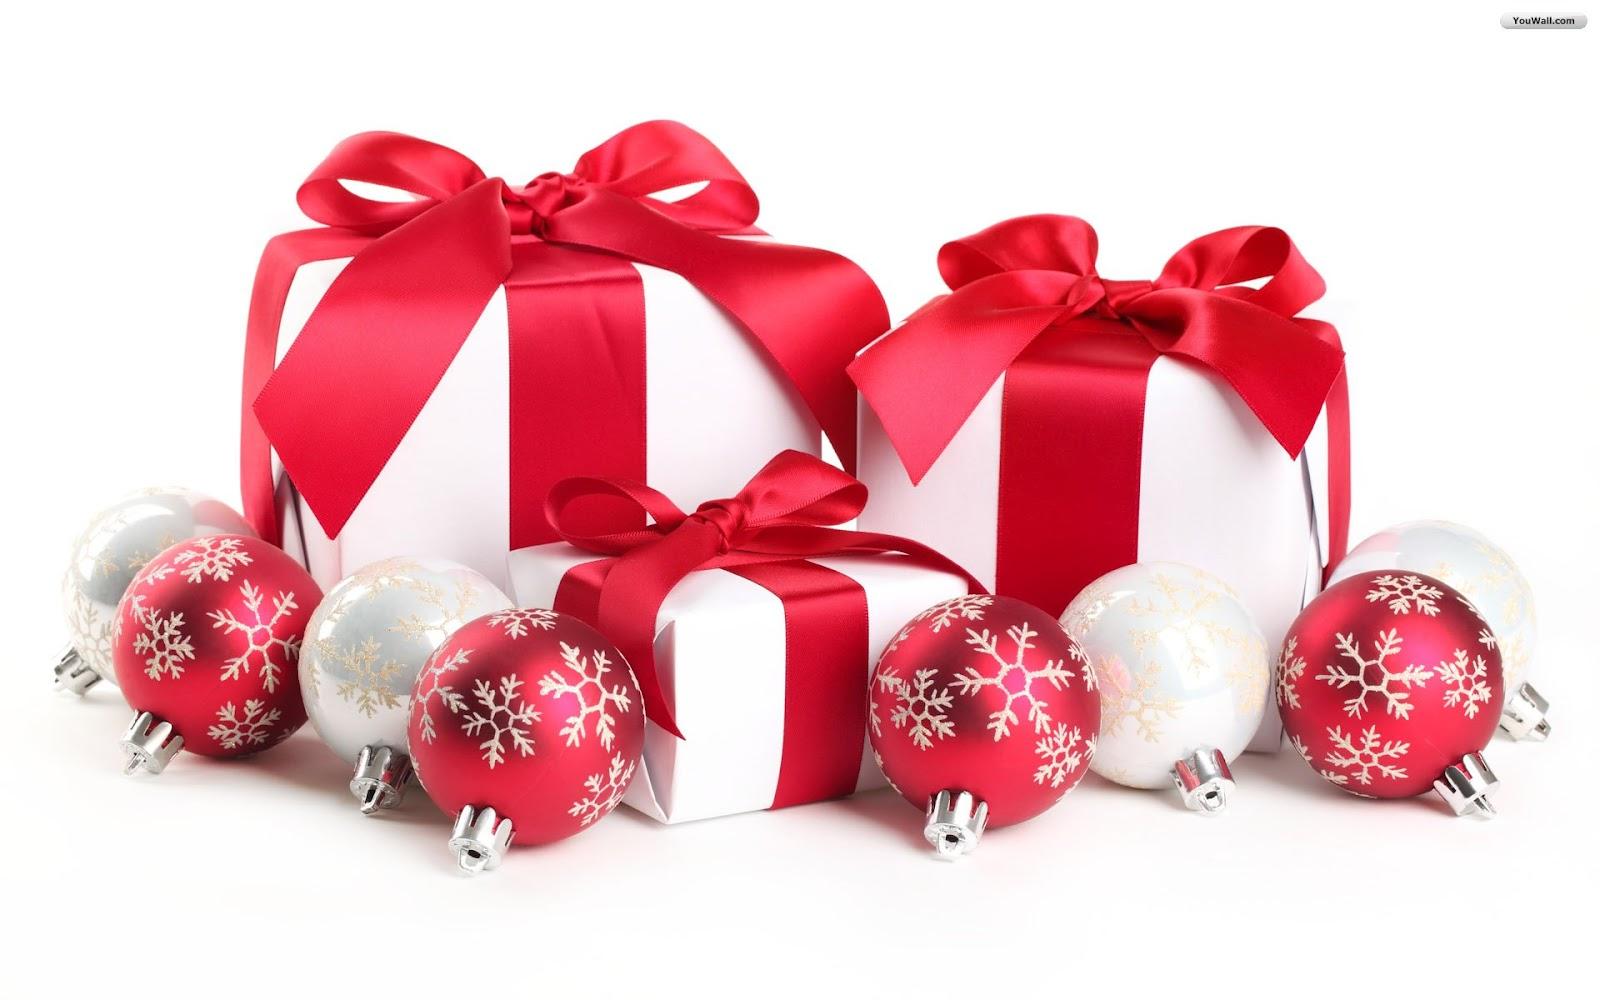 weihnachtsgeschenke mädchen 10 jahre